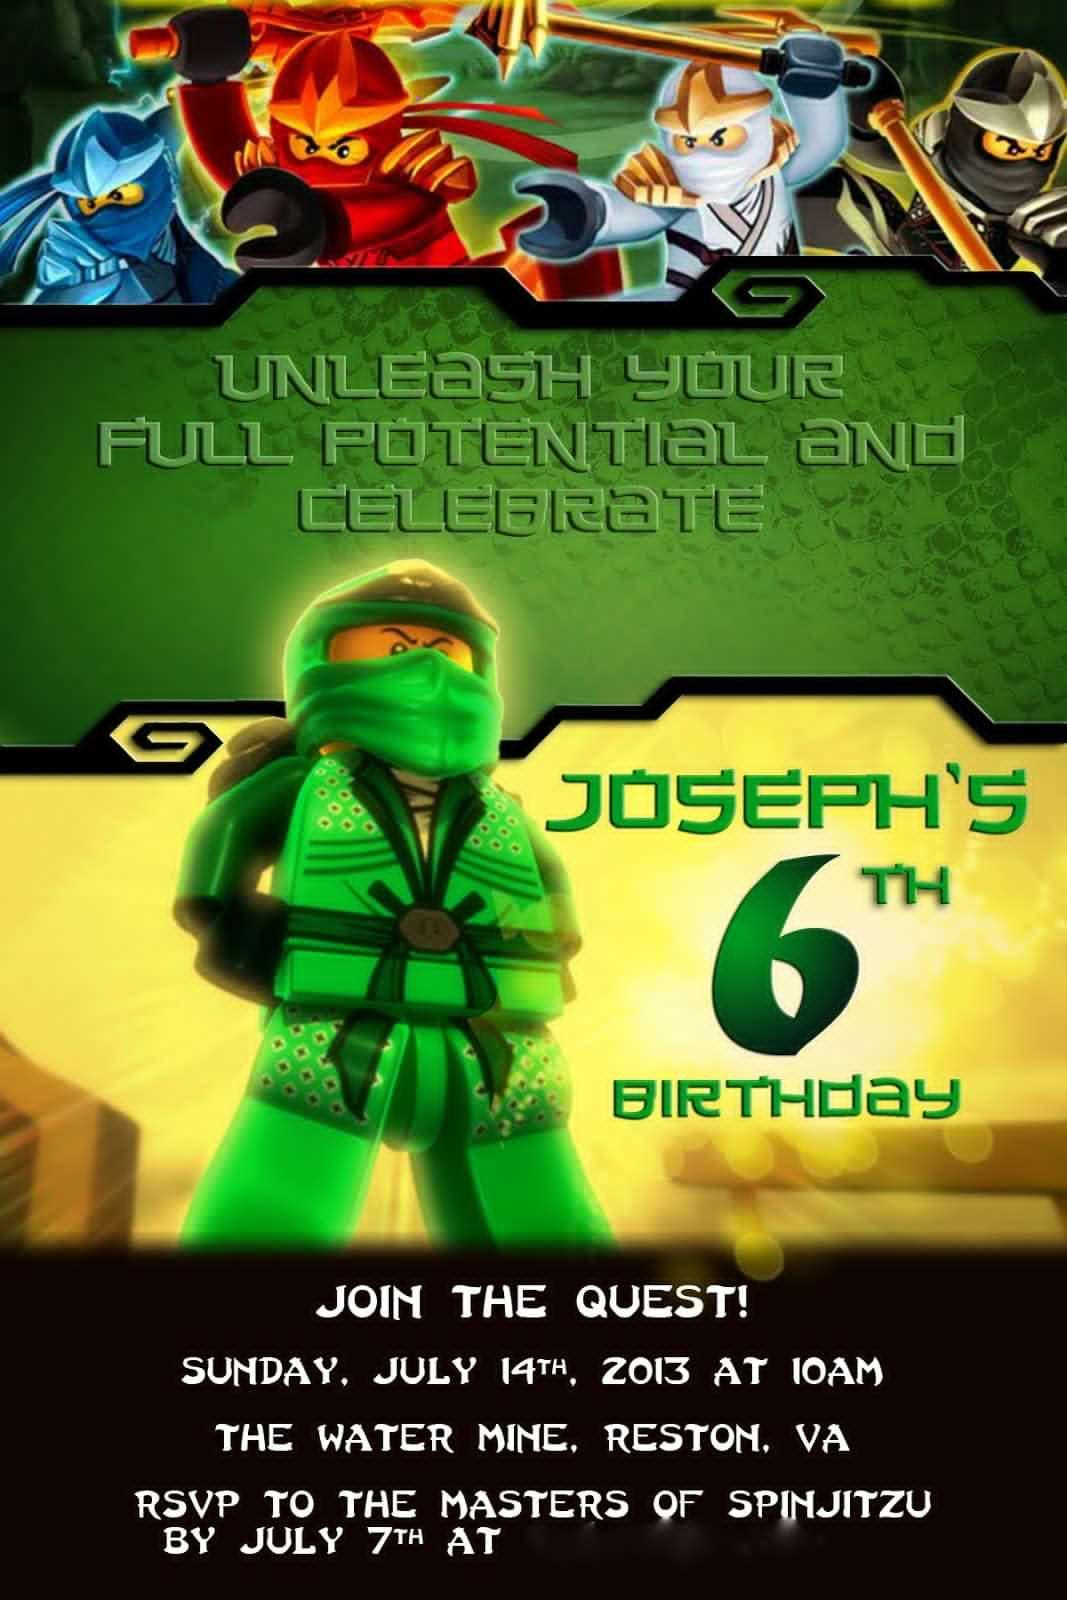 Lego Ninjago Party Invitations Free – Royyet - Lego Ninjago Party Invitations Printable Free